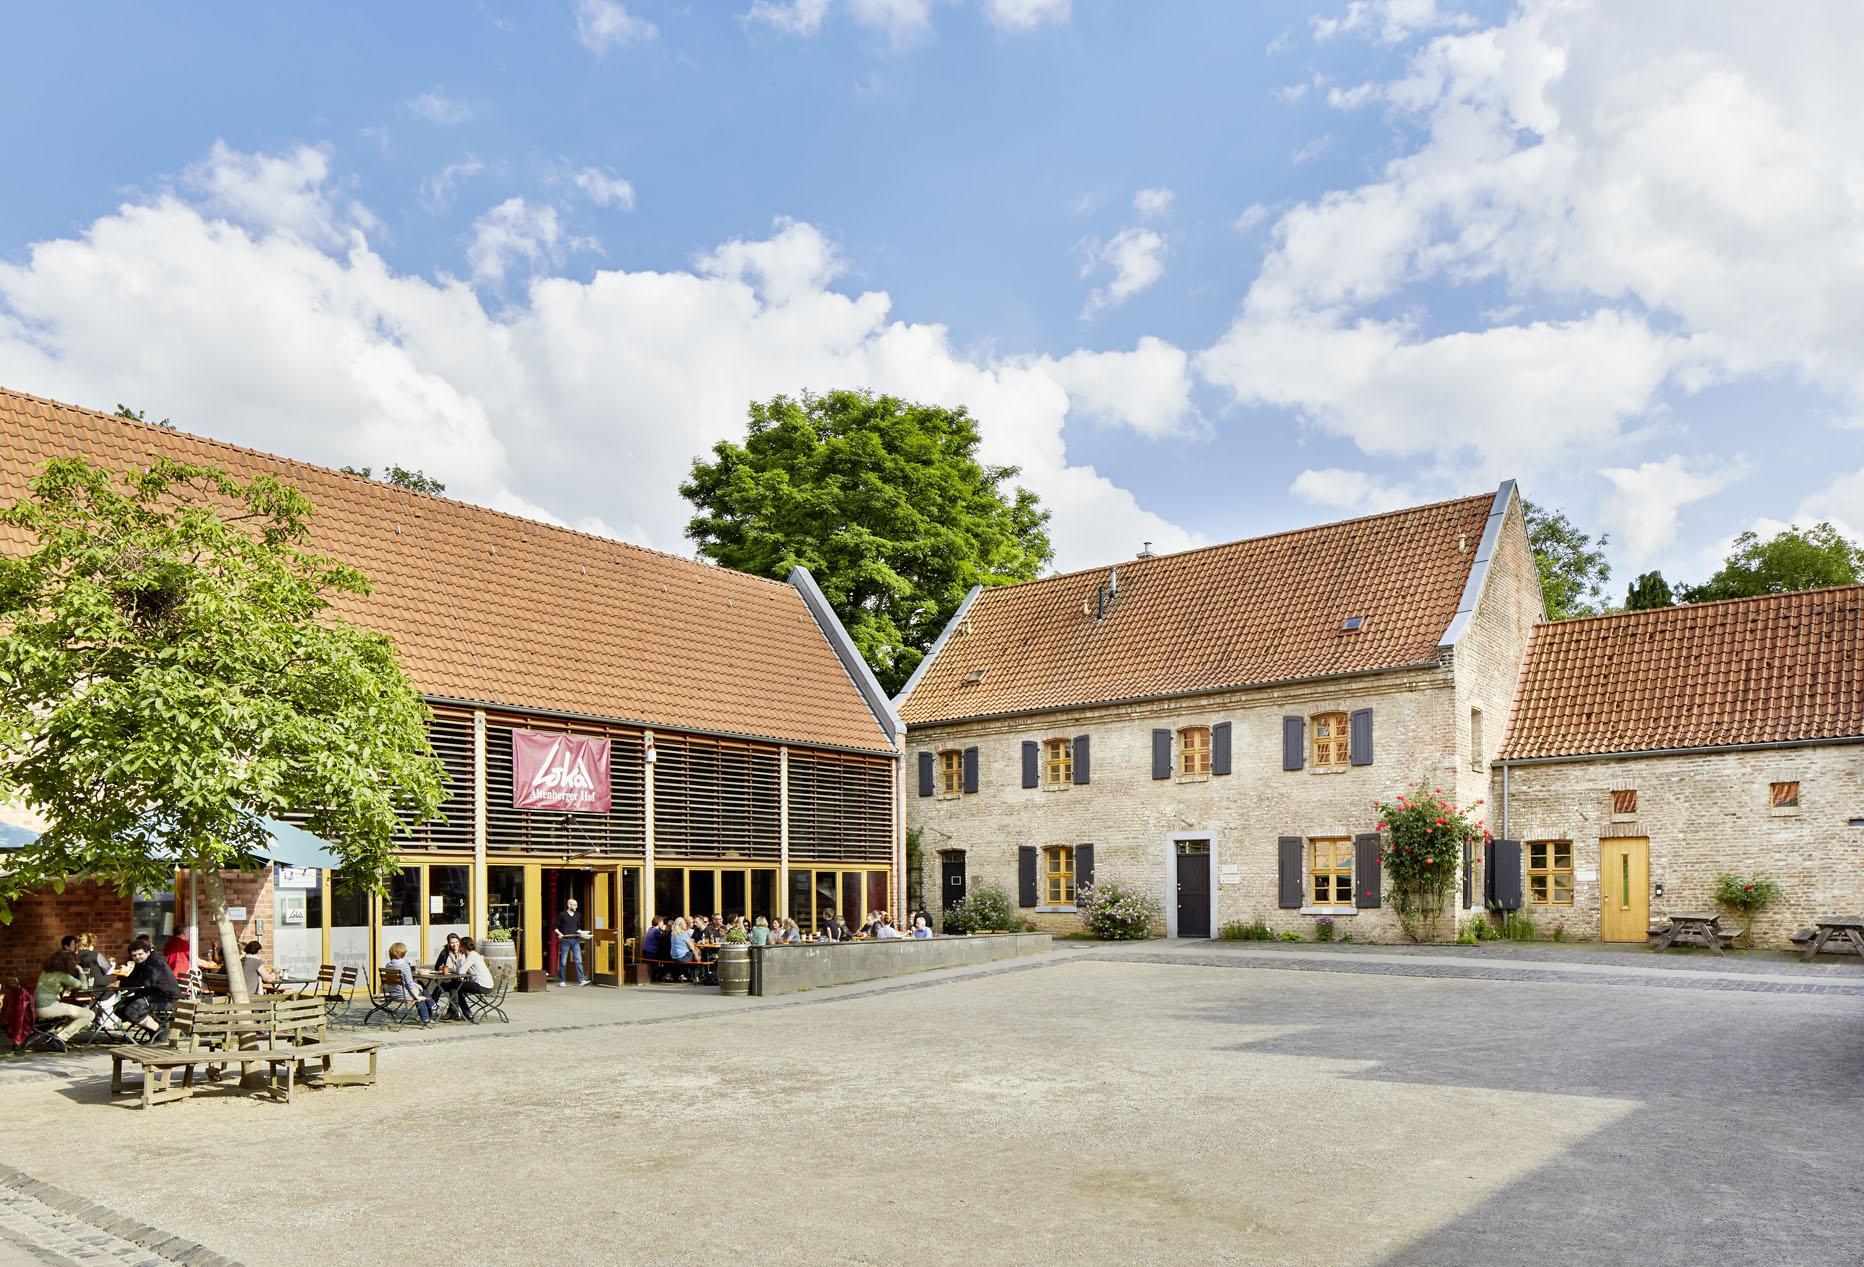 Lokal & Herrenhaus